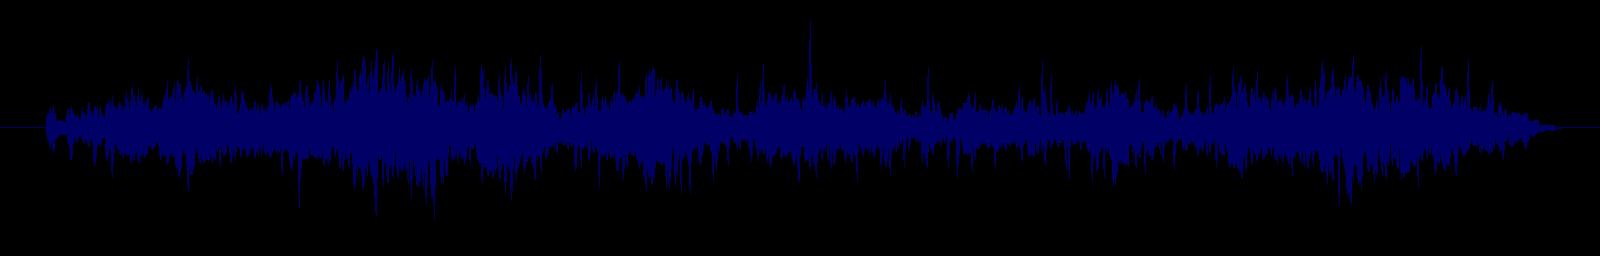 waveform of track #132174